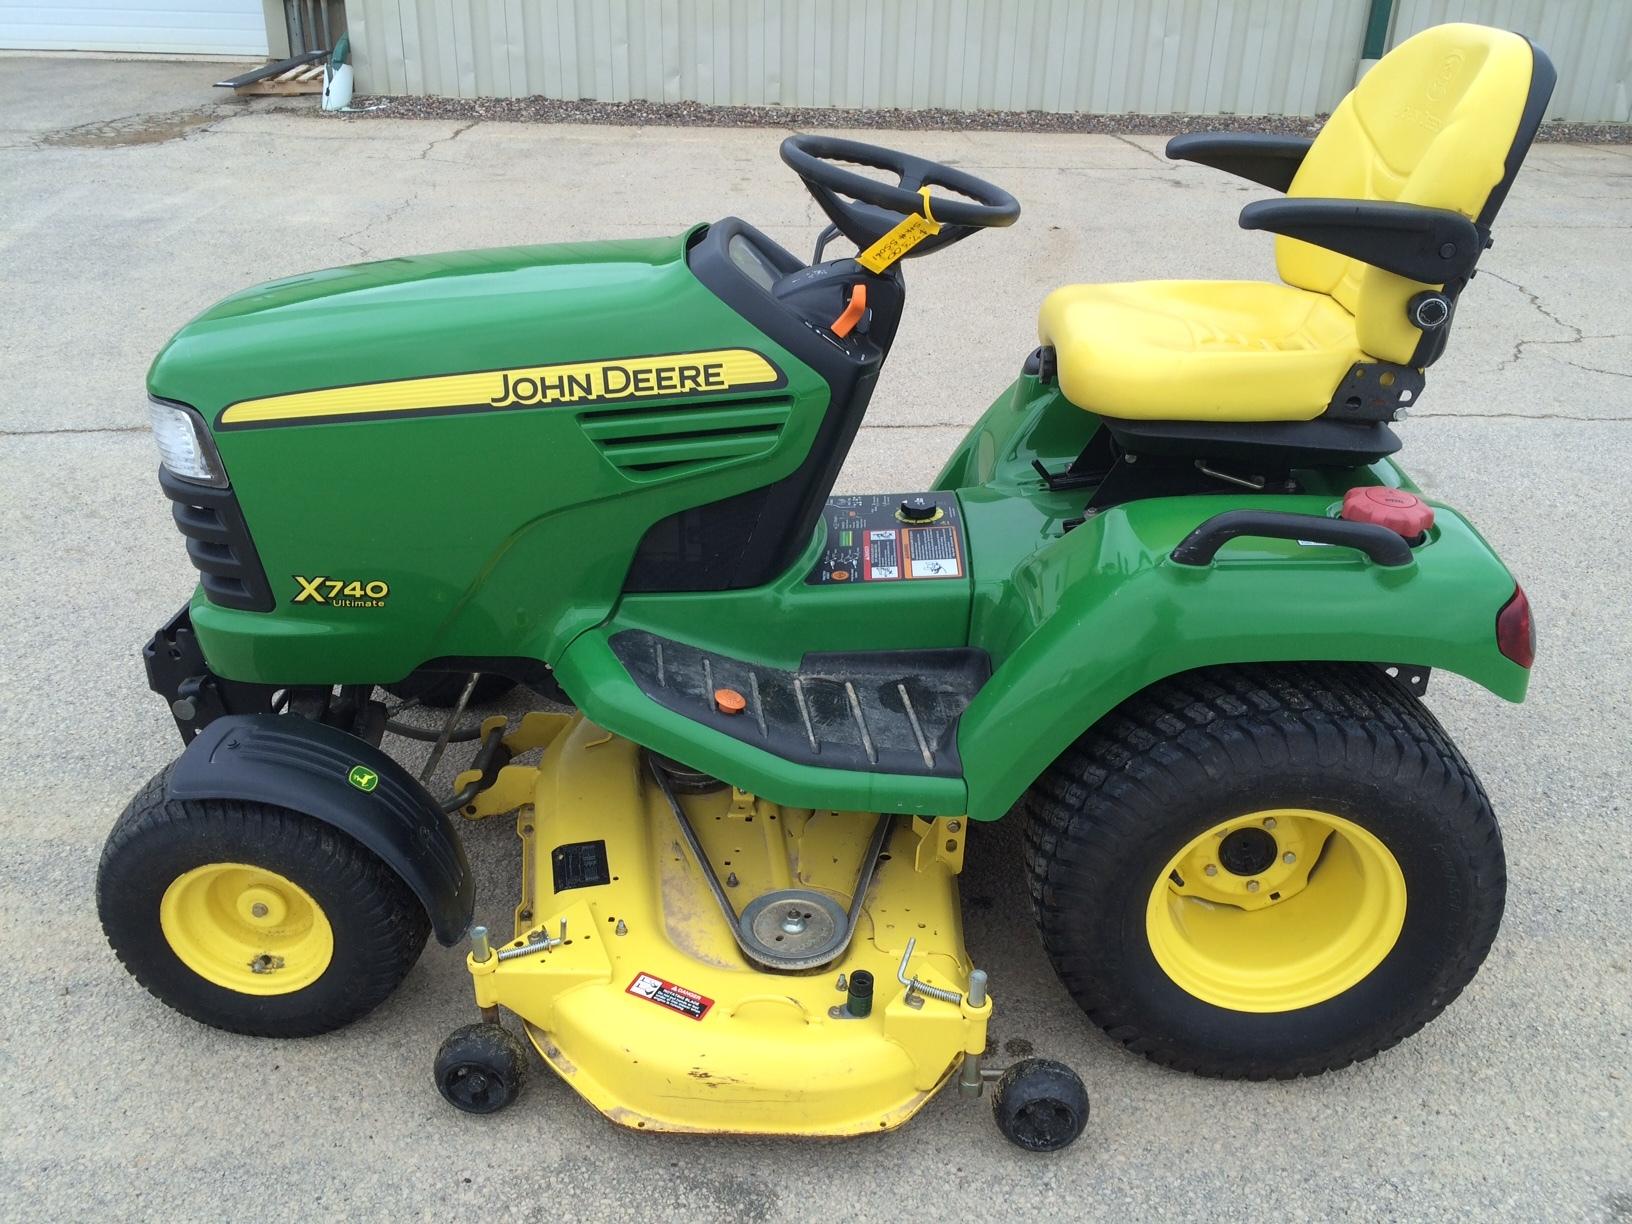 John Deere Lawn Tractor Equipment : John deere lawn garden tractors for sale